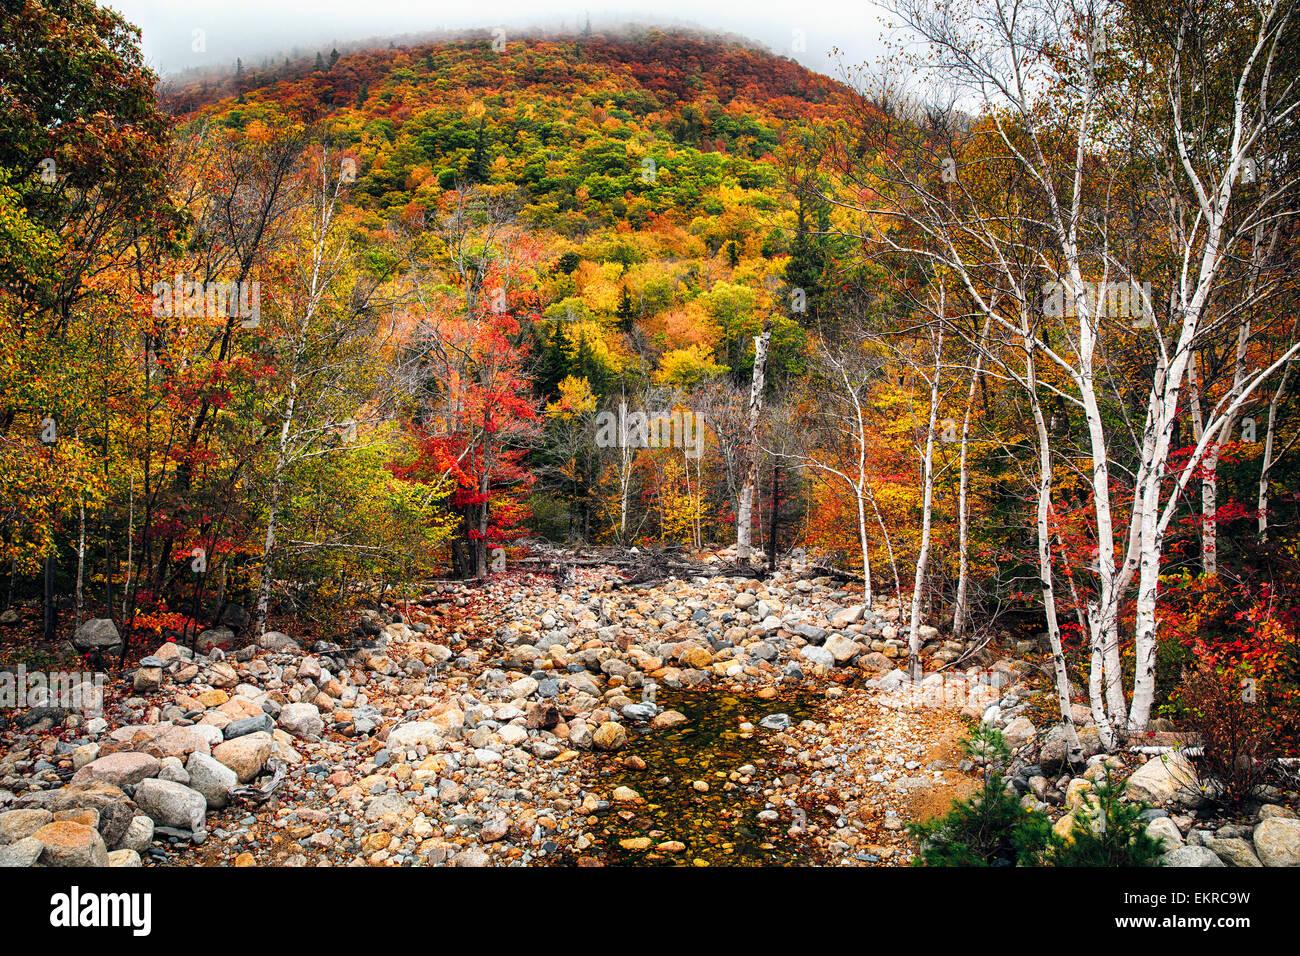 Basso angolo vista di una montagna nella nebbia e un Dry Creek a caduta, White Mountains National Forest, New Hampshire Foto Stock